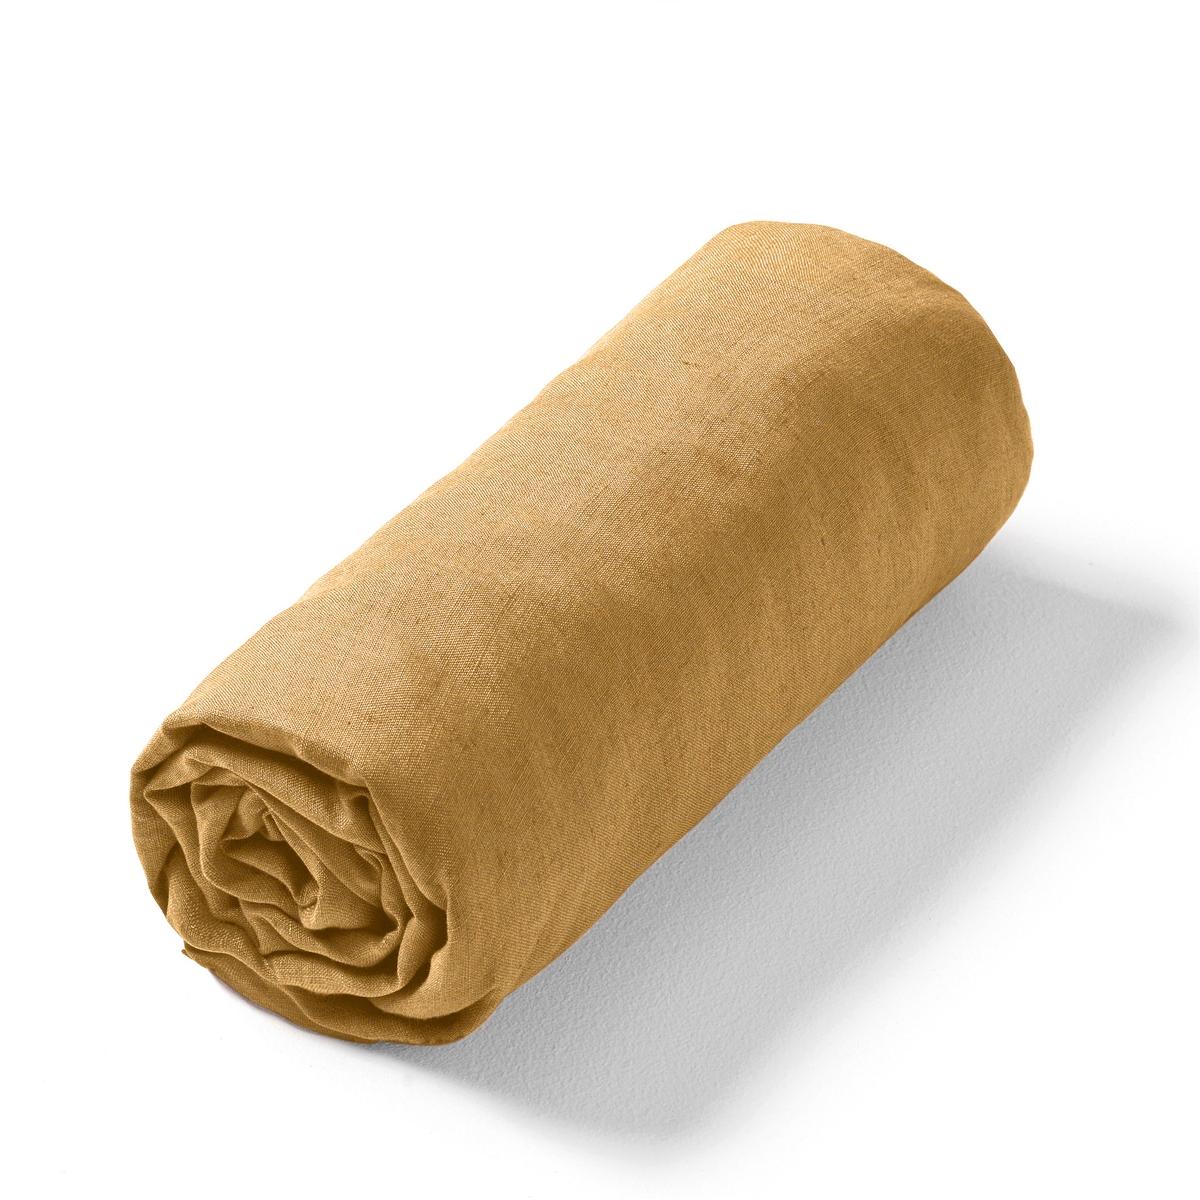 Lençol-capa em linho lavado, Elina